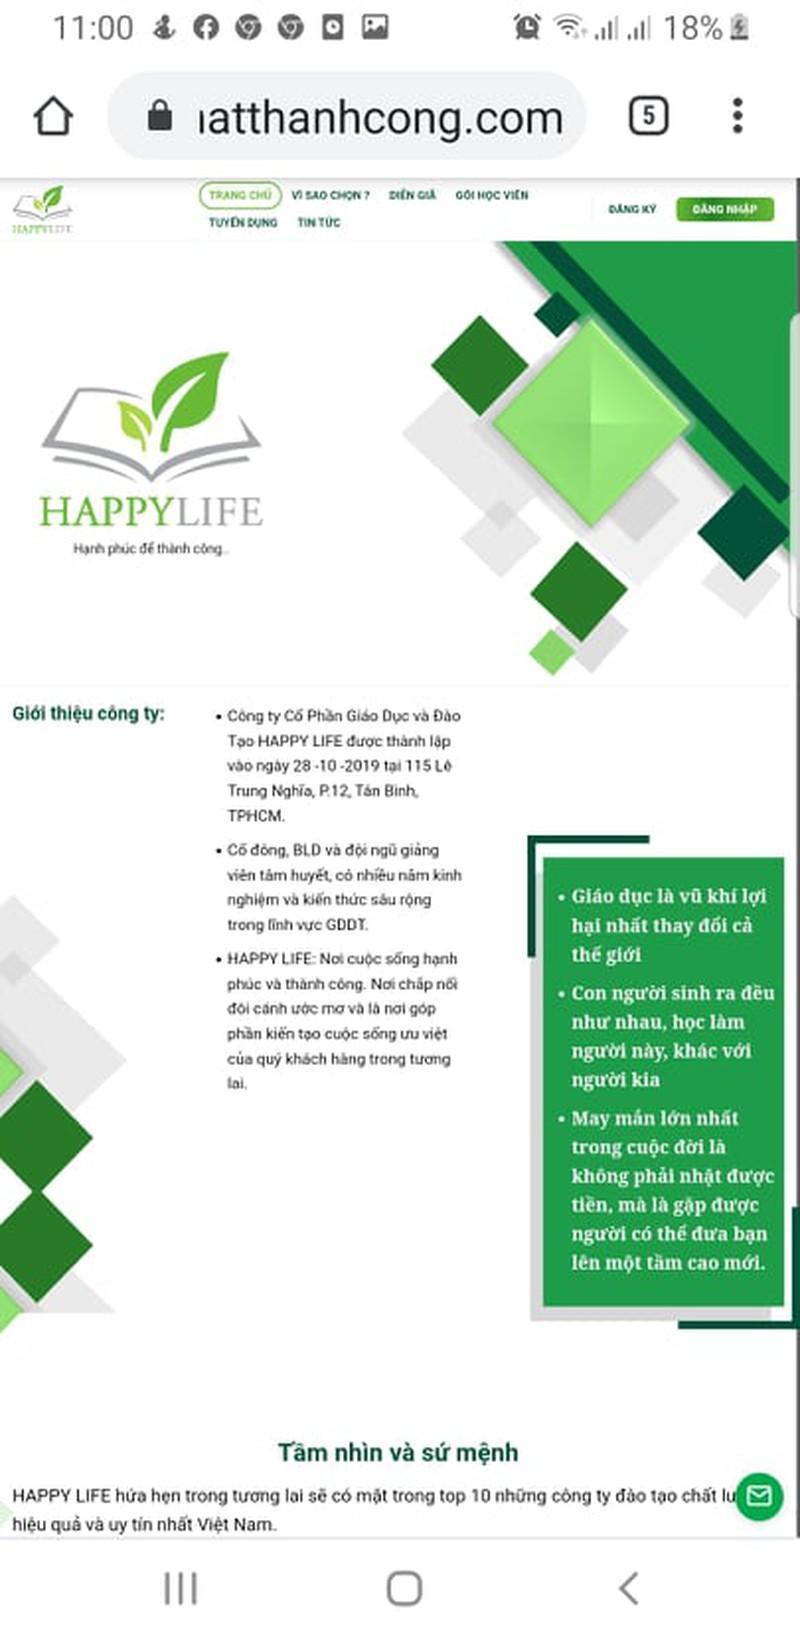 Happy Life đang bán các khóa học theo mô hình đa cấp ? Ảnh 4